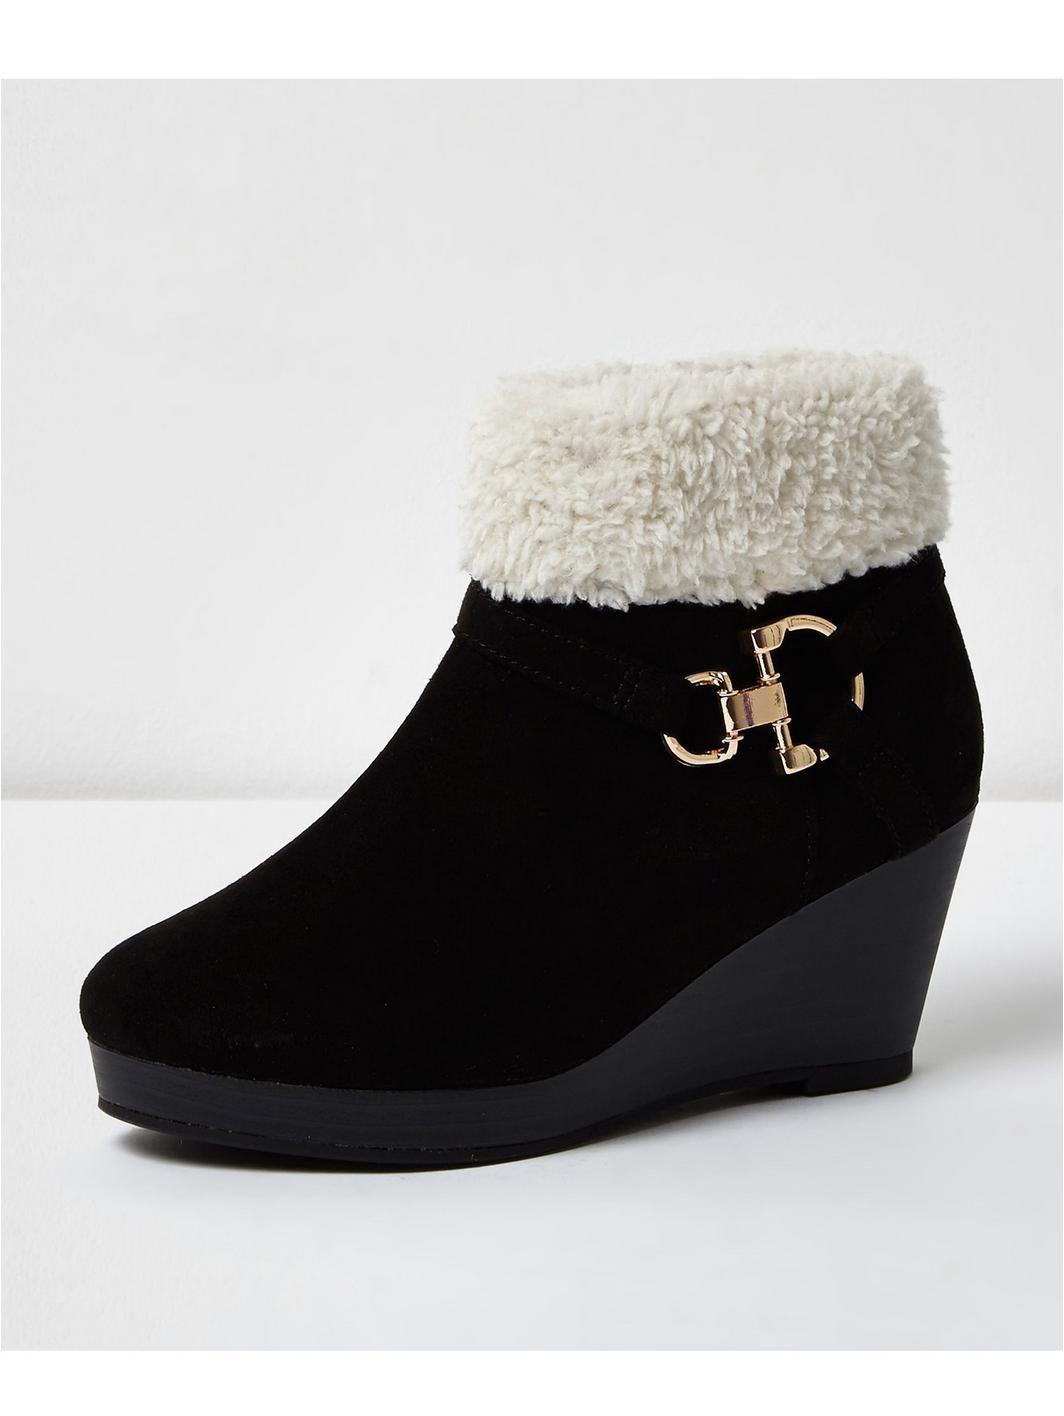 river island ladies shoes sale